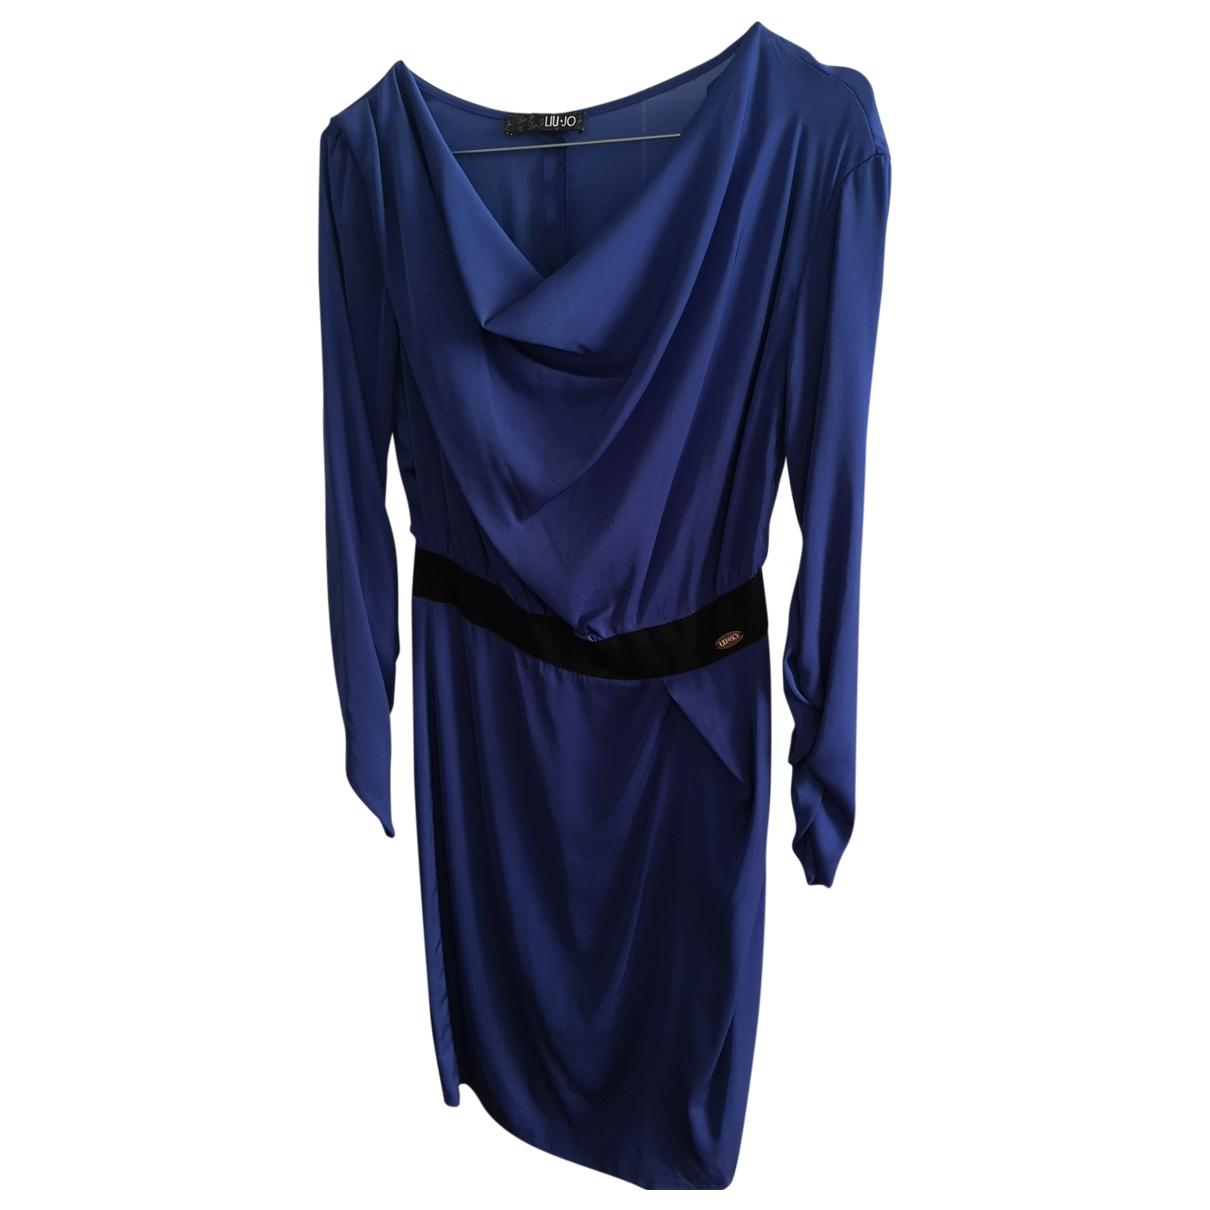 Liu.jo - Robe   pour femme - bleu